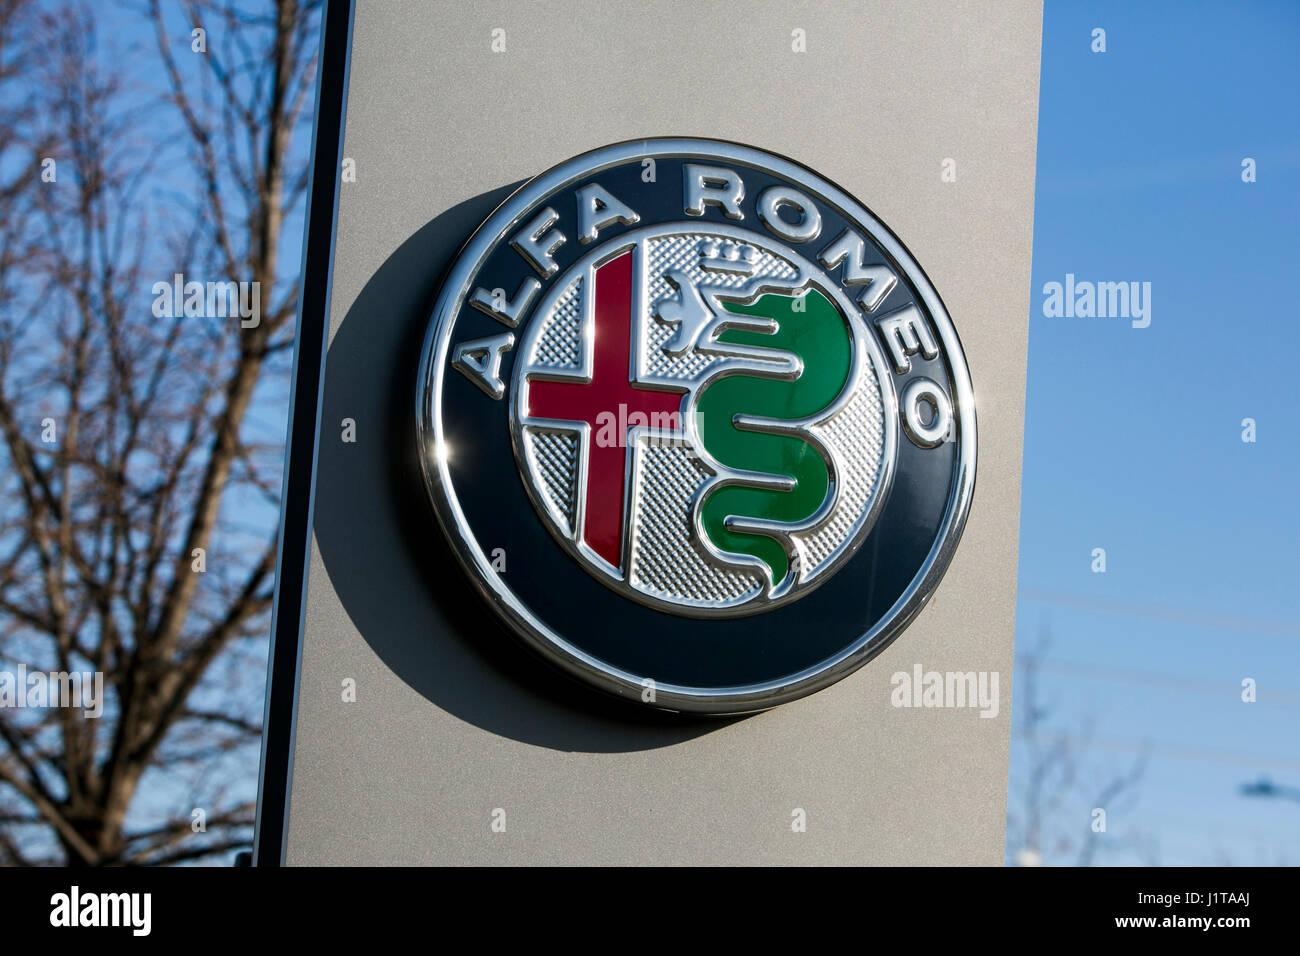 Ein Logo Zeichen außerhalb eines Alfa Romeo Autohaus in Oakville, ON, Kanada am 14. April 2017. Stockbild